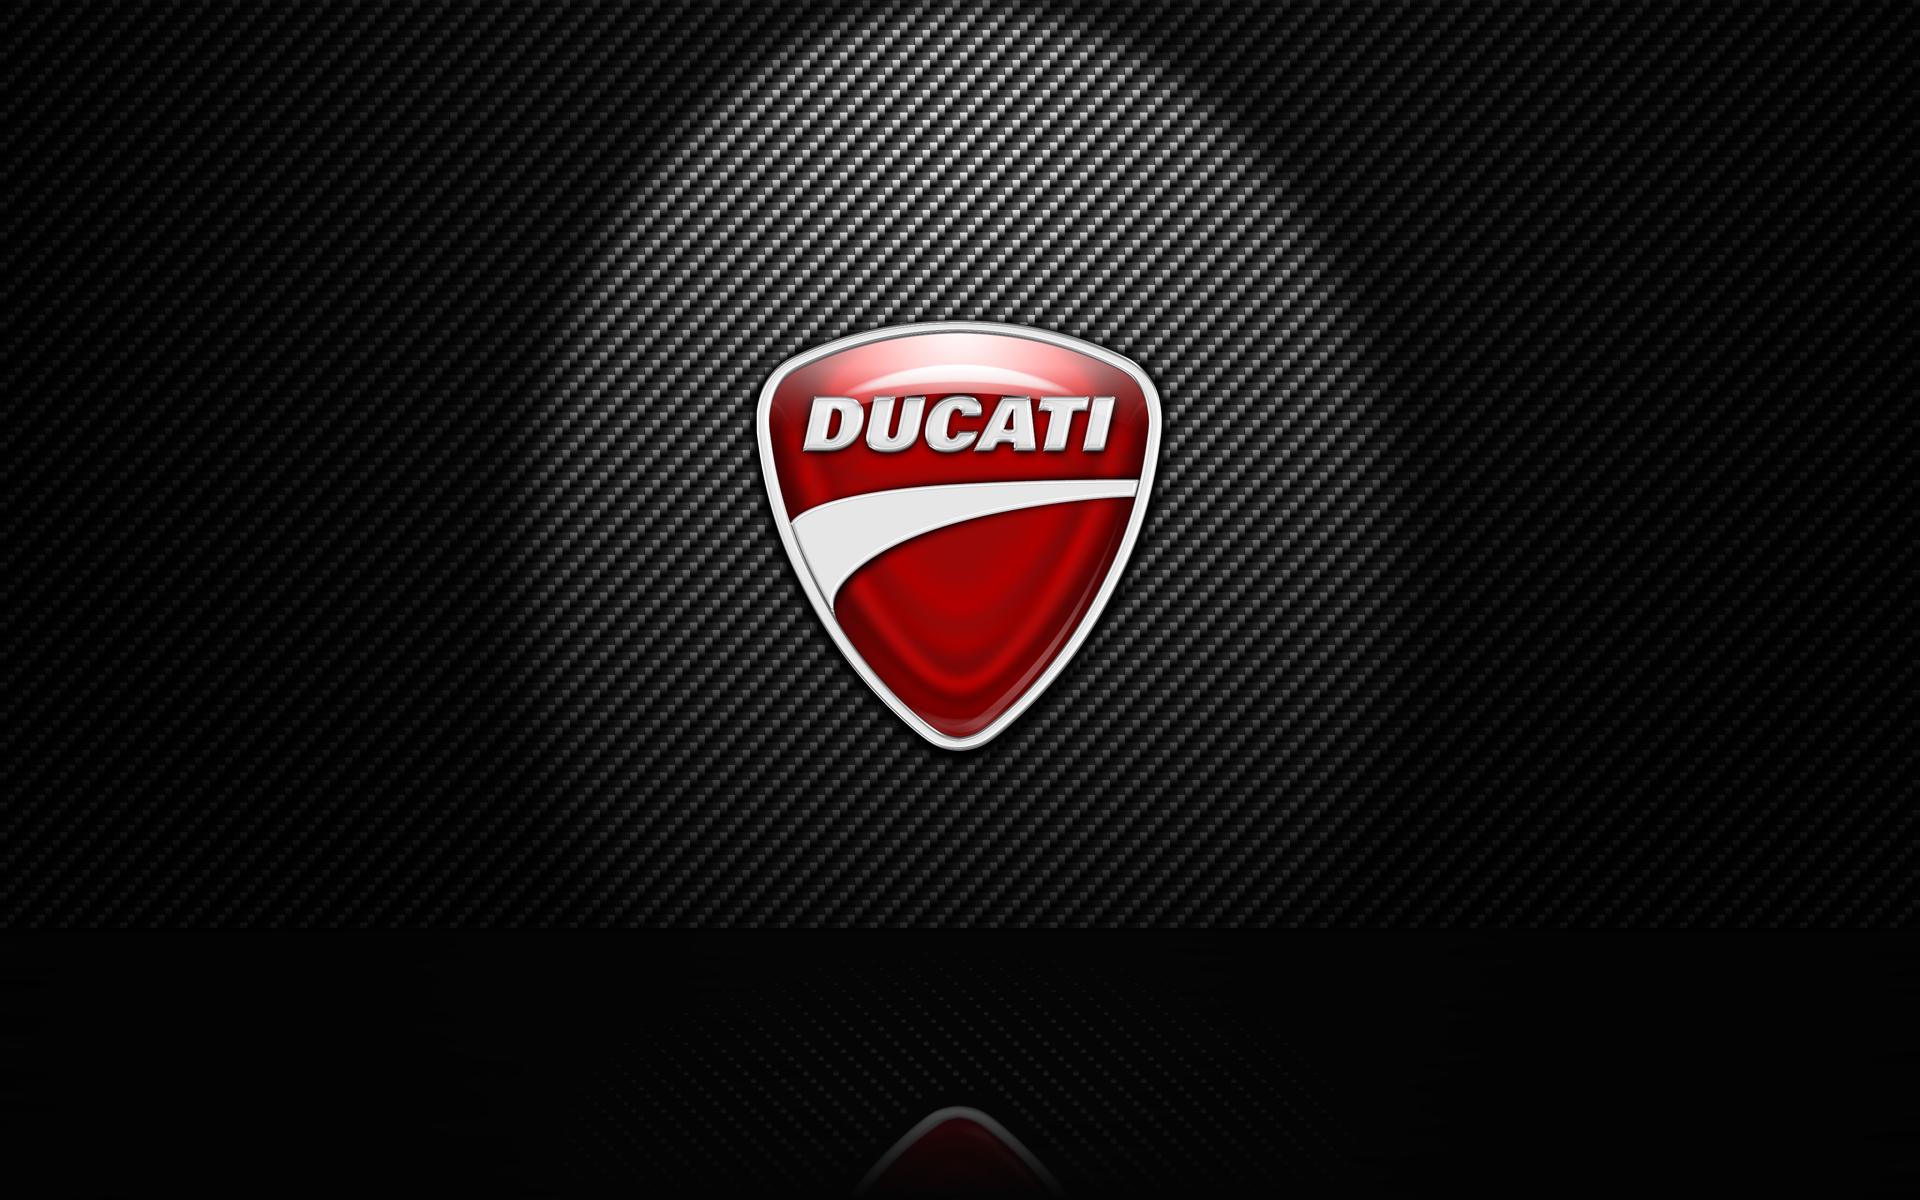 ducati logo 22380